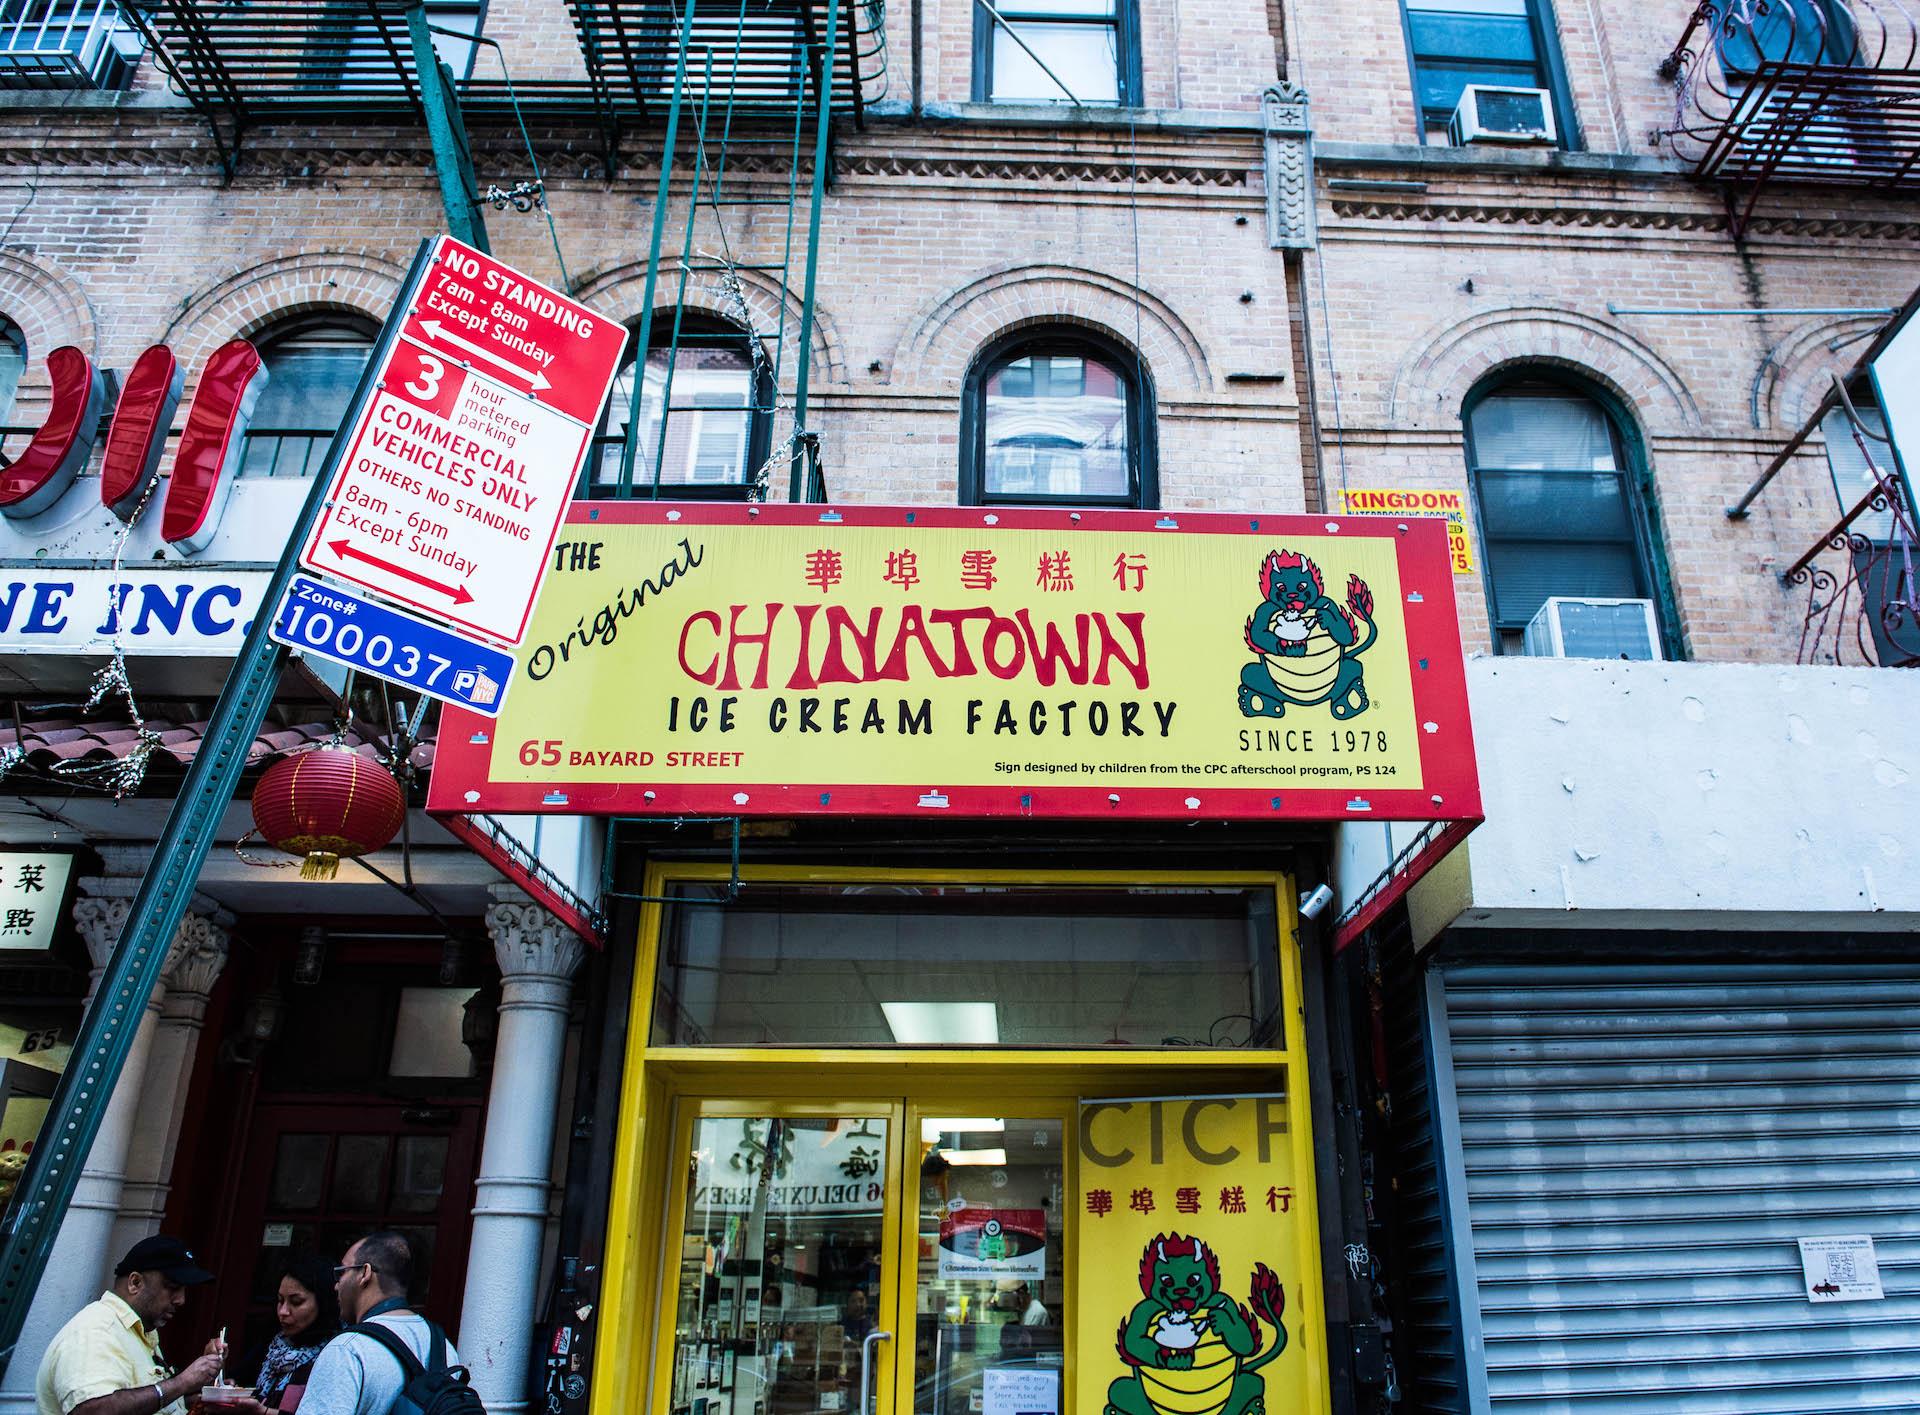 chinatown_icecream_factory-14.jpg